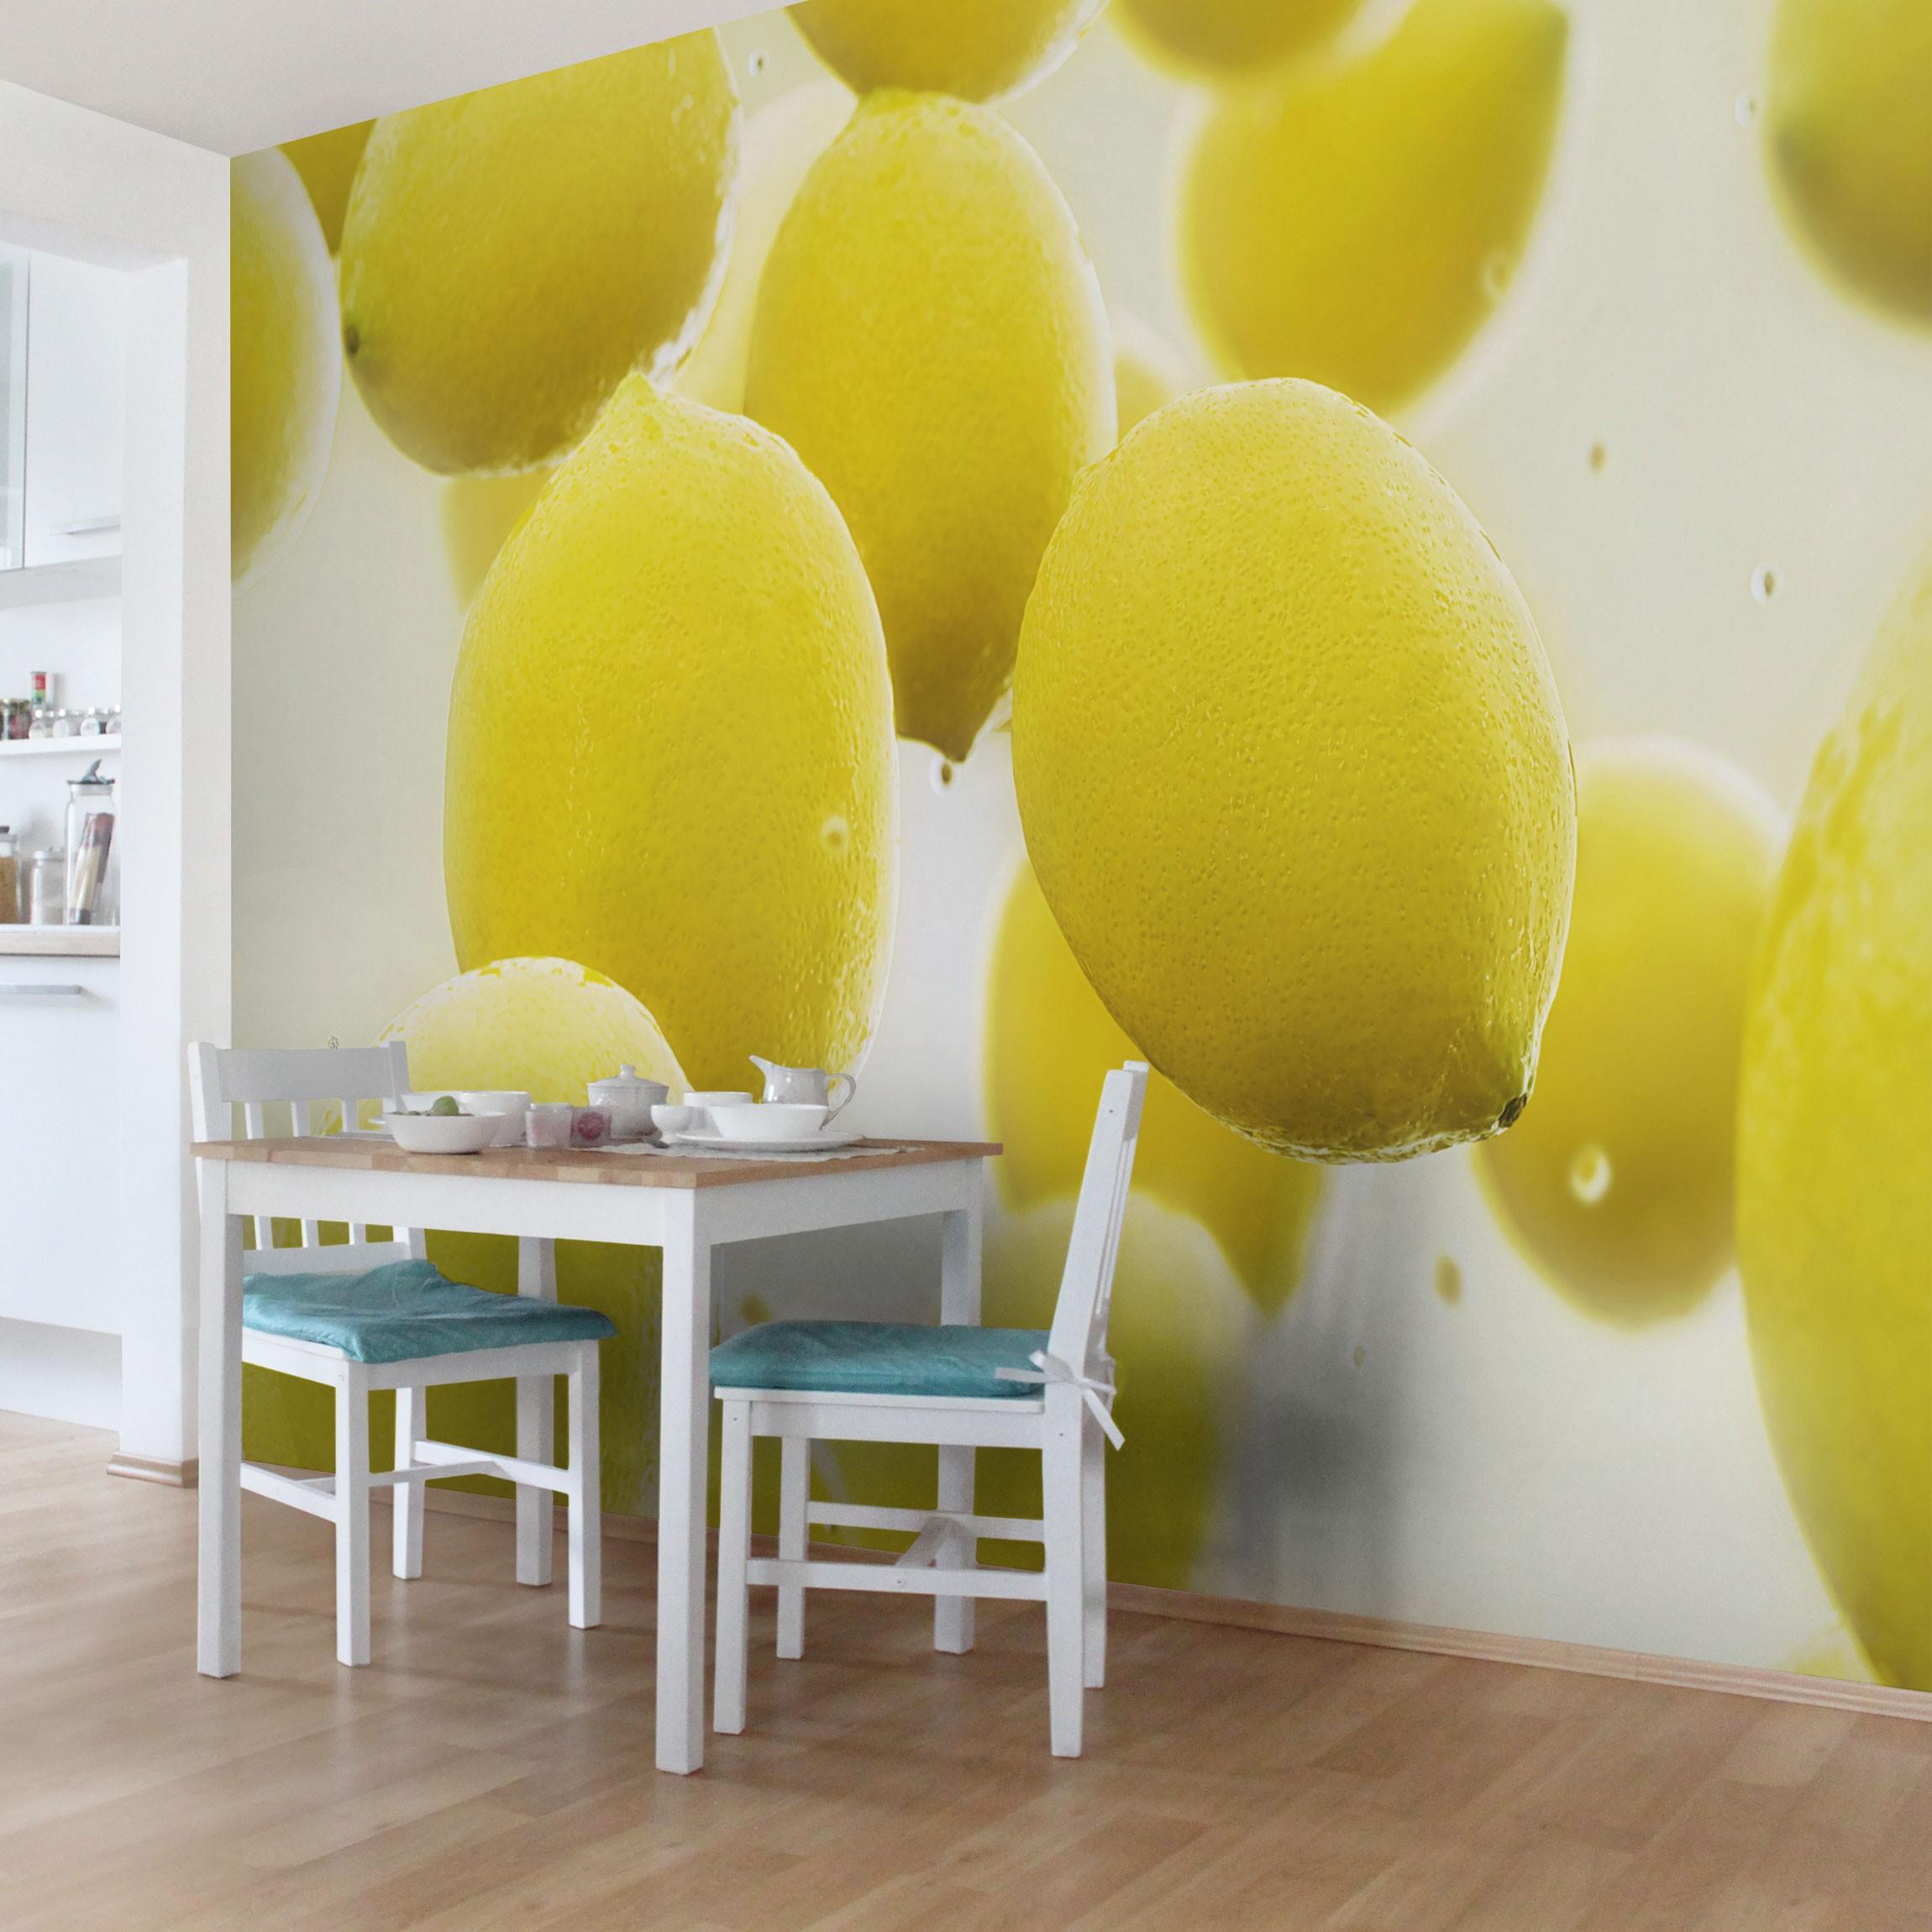 Full Size of Kchentapete Zitronen Im Wasser Vlies Fototapete Breit Wohnzimmer Küchentapete